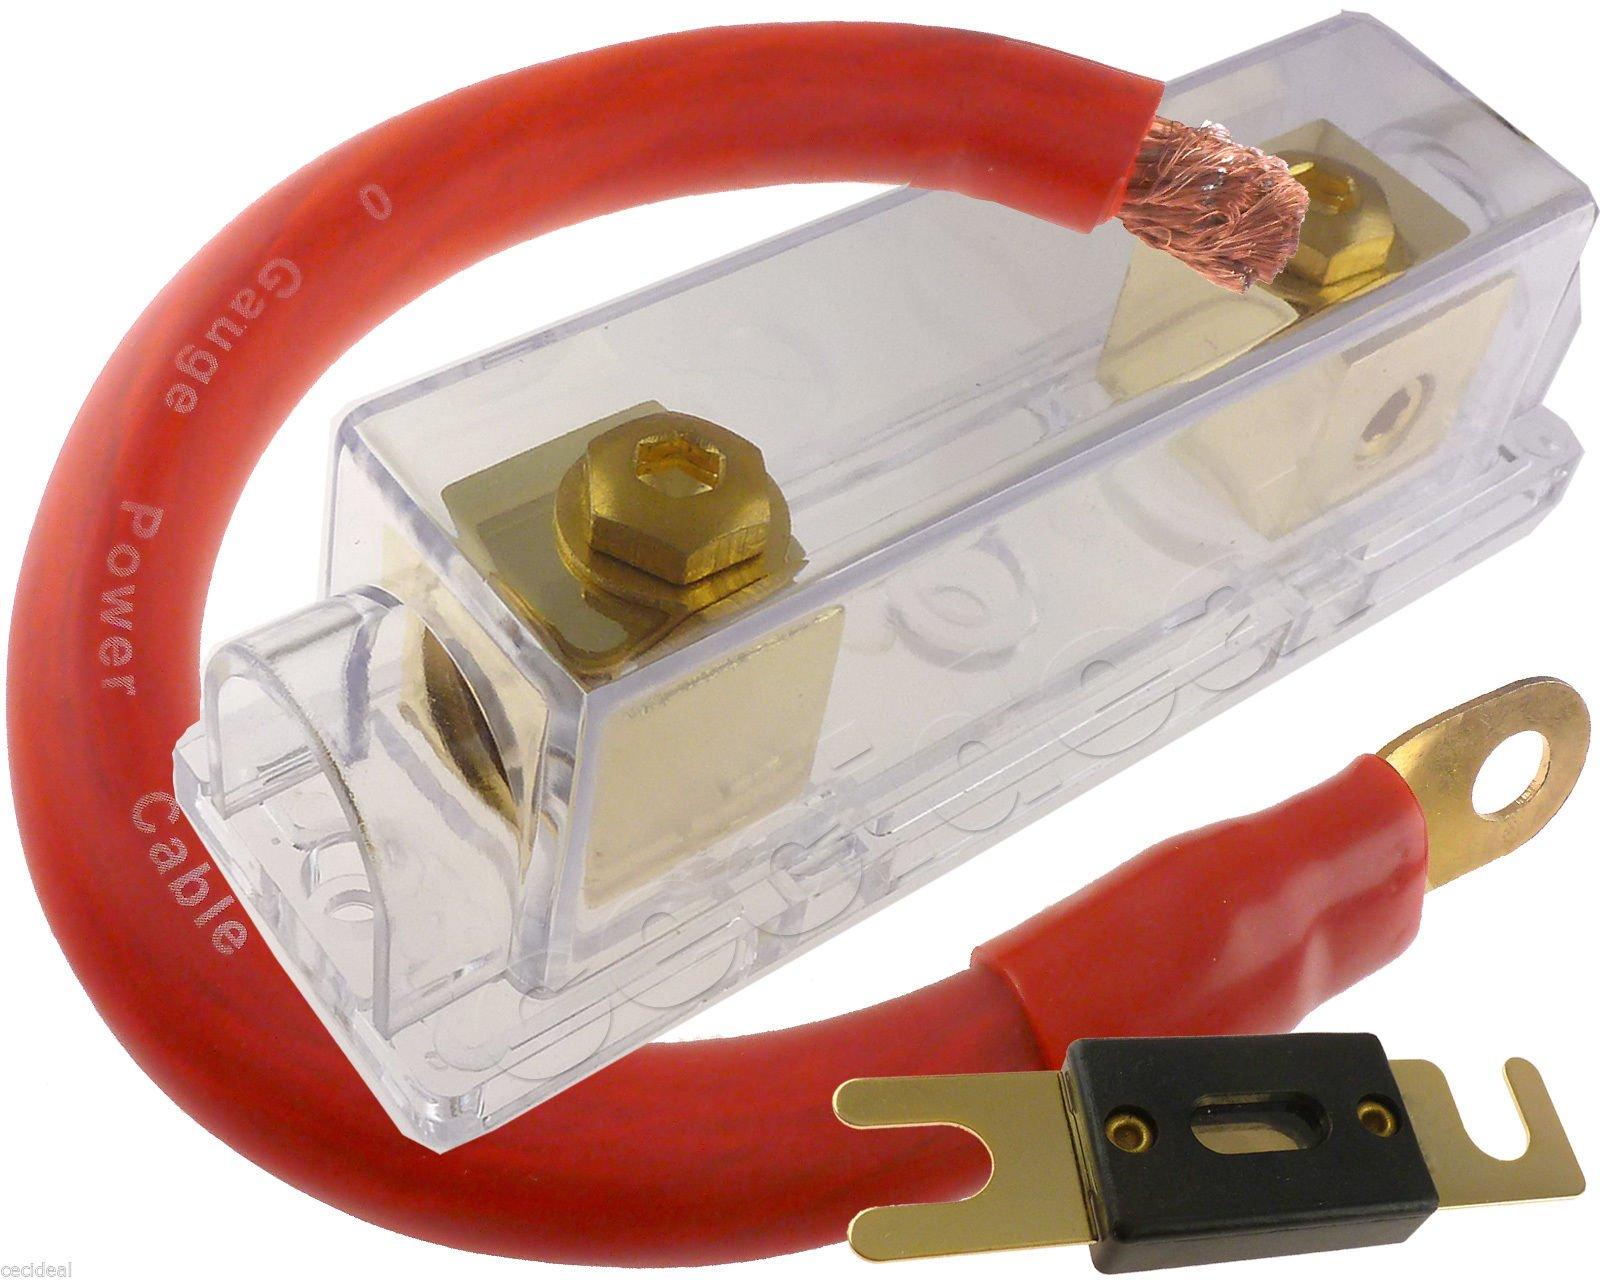 Audiotek 0 GAUGE PREWIRED ANL 250 Amp Fuse Holder fuseholder INLINE BATTERY INSTALL 1 FT